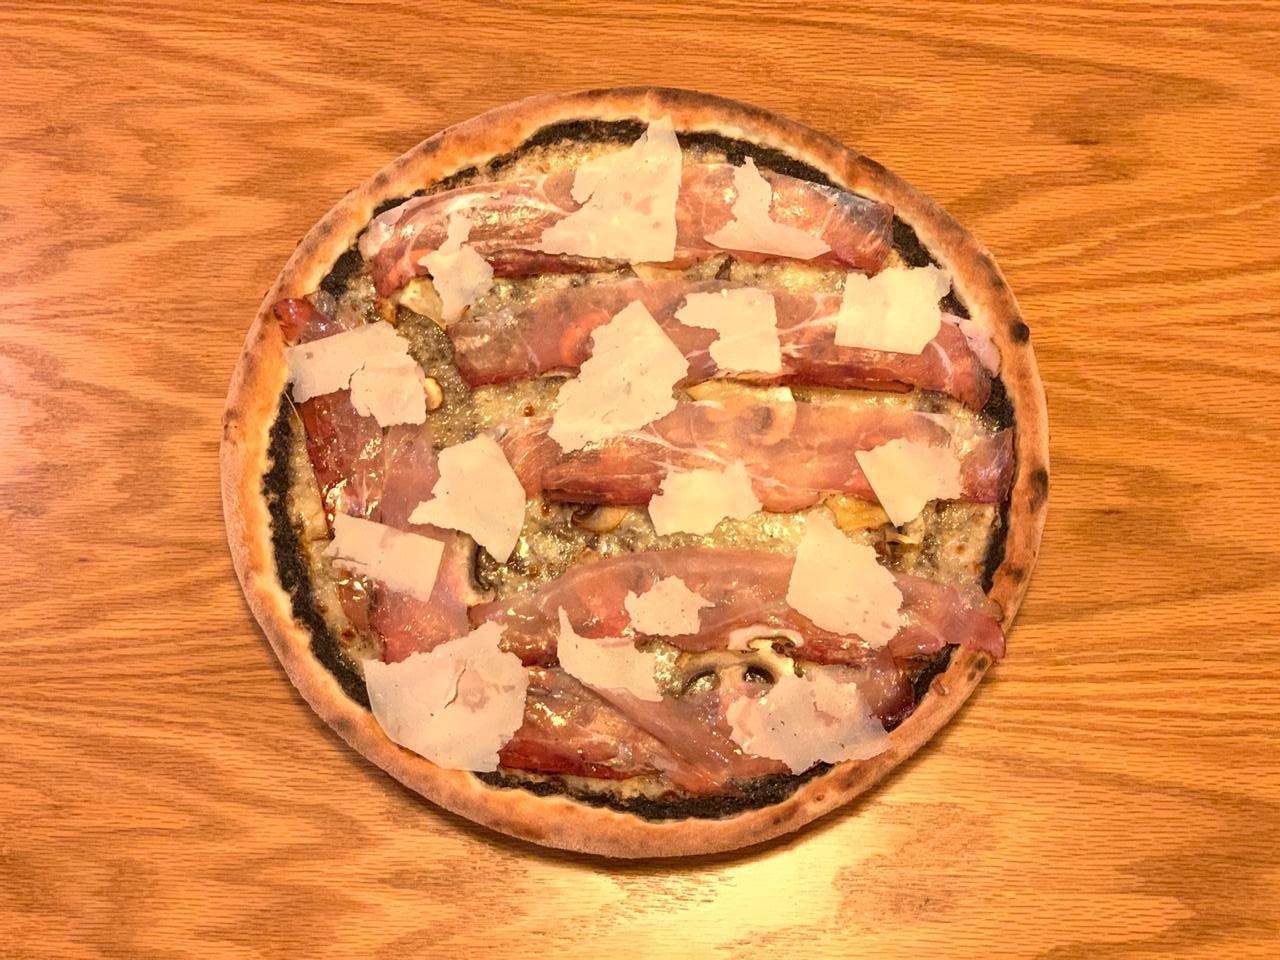 Pate tartufi, mozzarella, kërpudhë e freskët, speck, grana